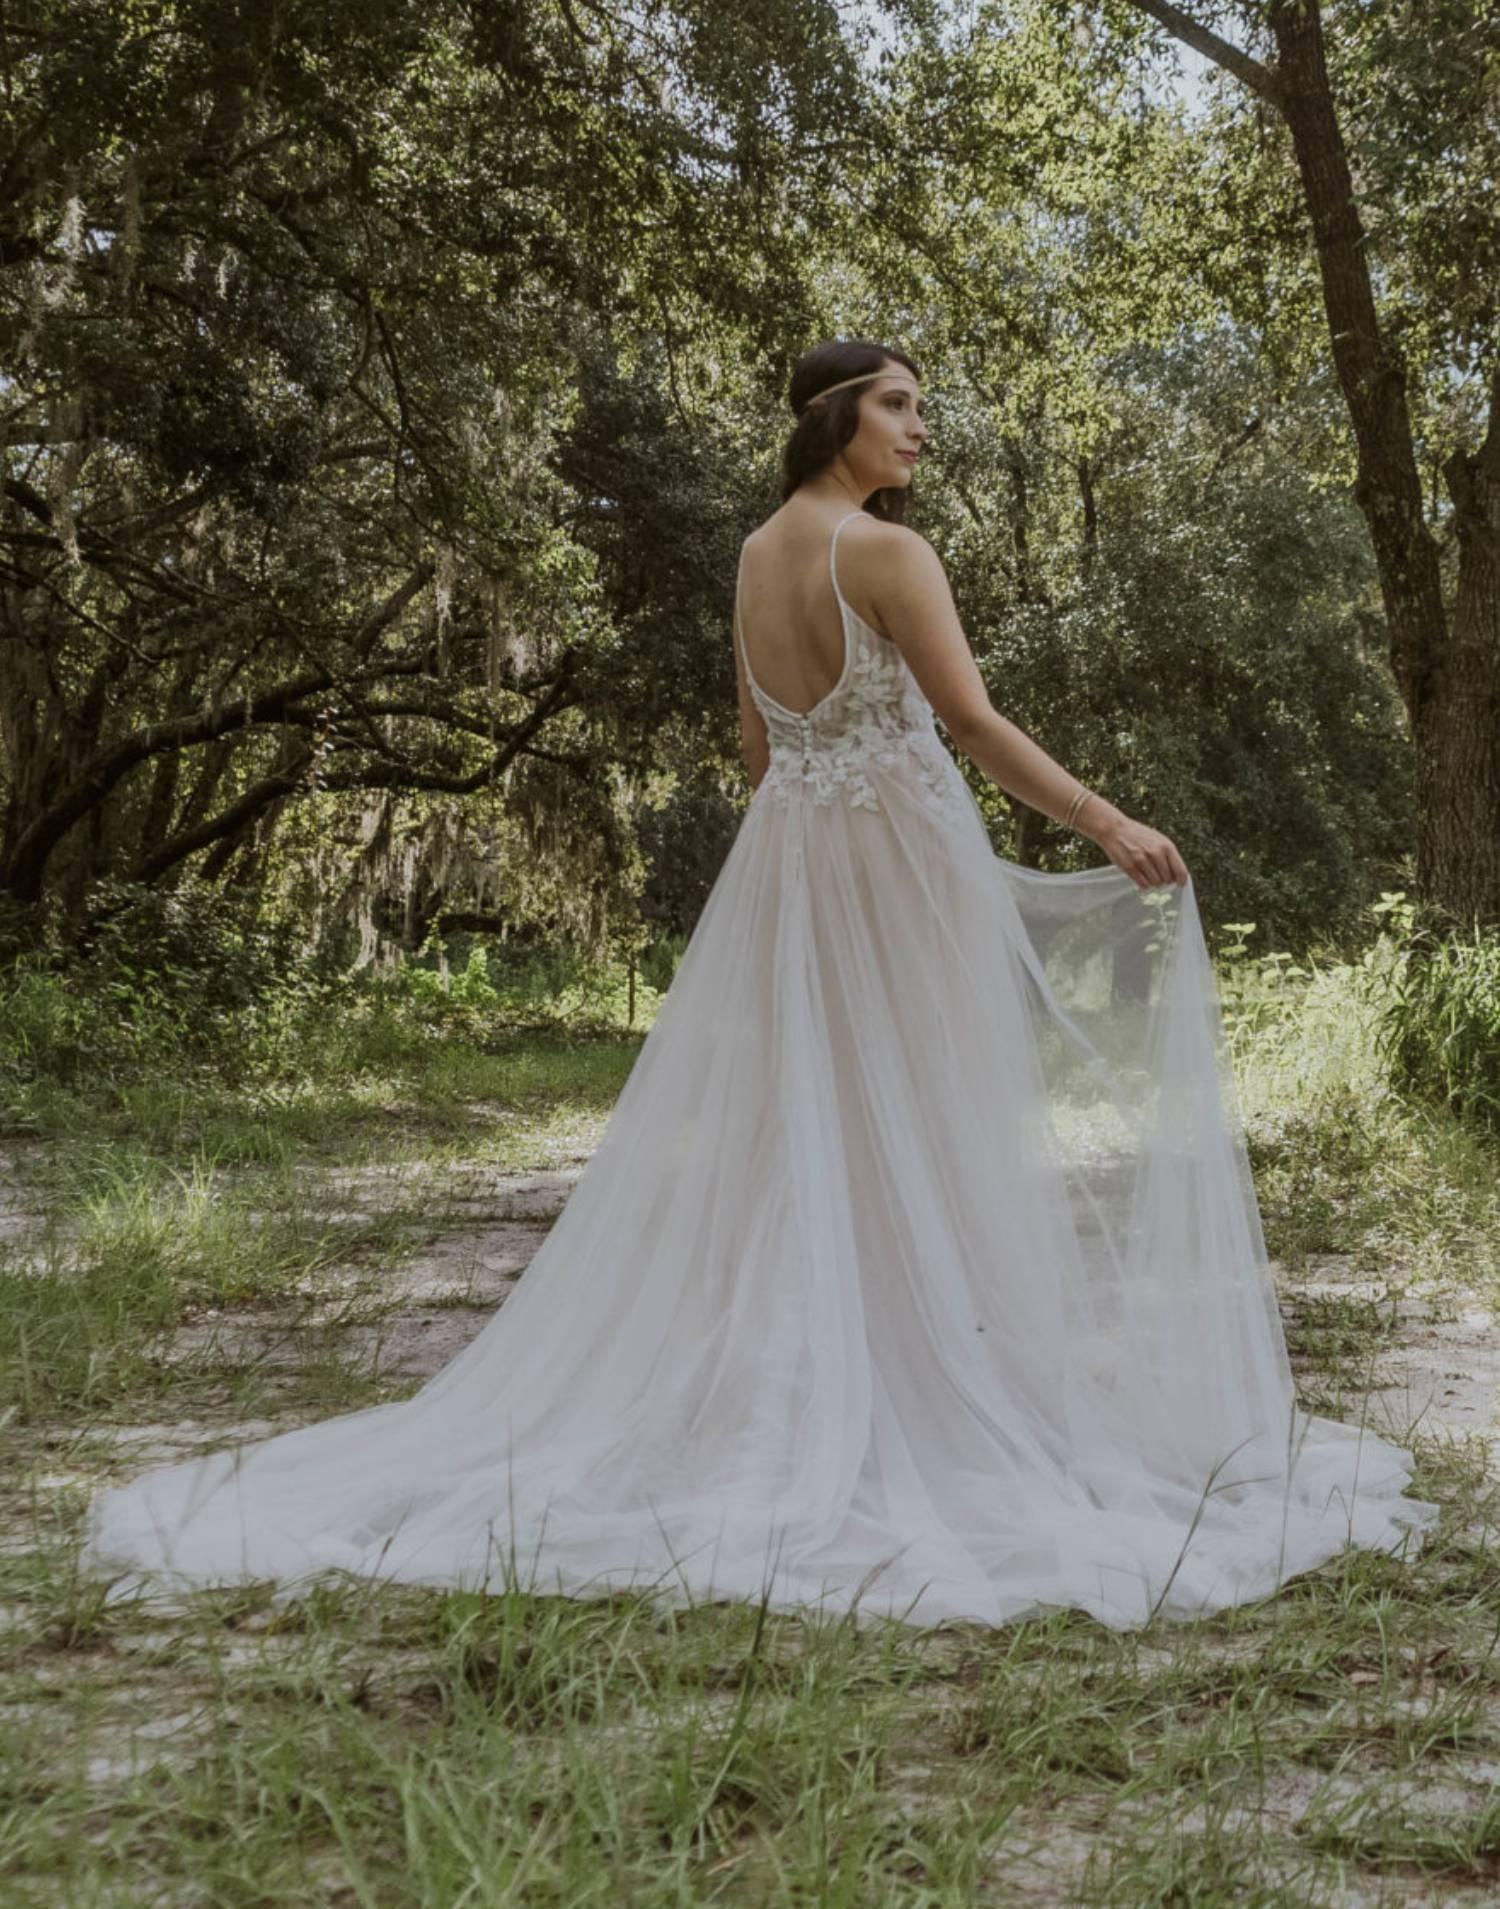 7263-wedding-dress-StellaYork-front-view-min